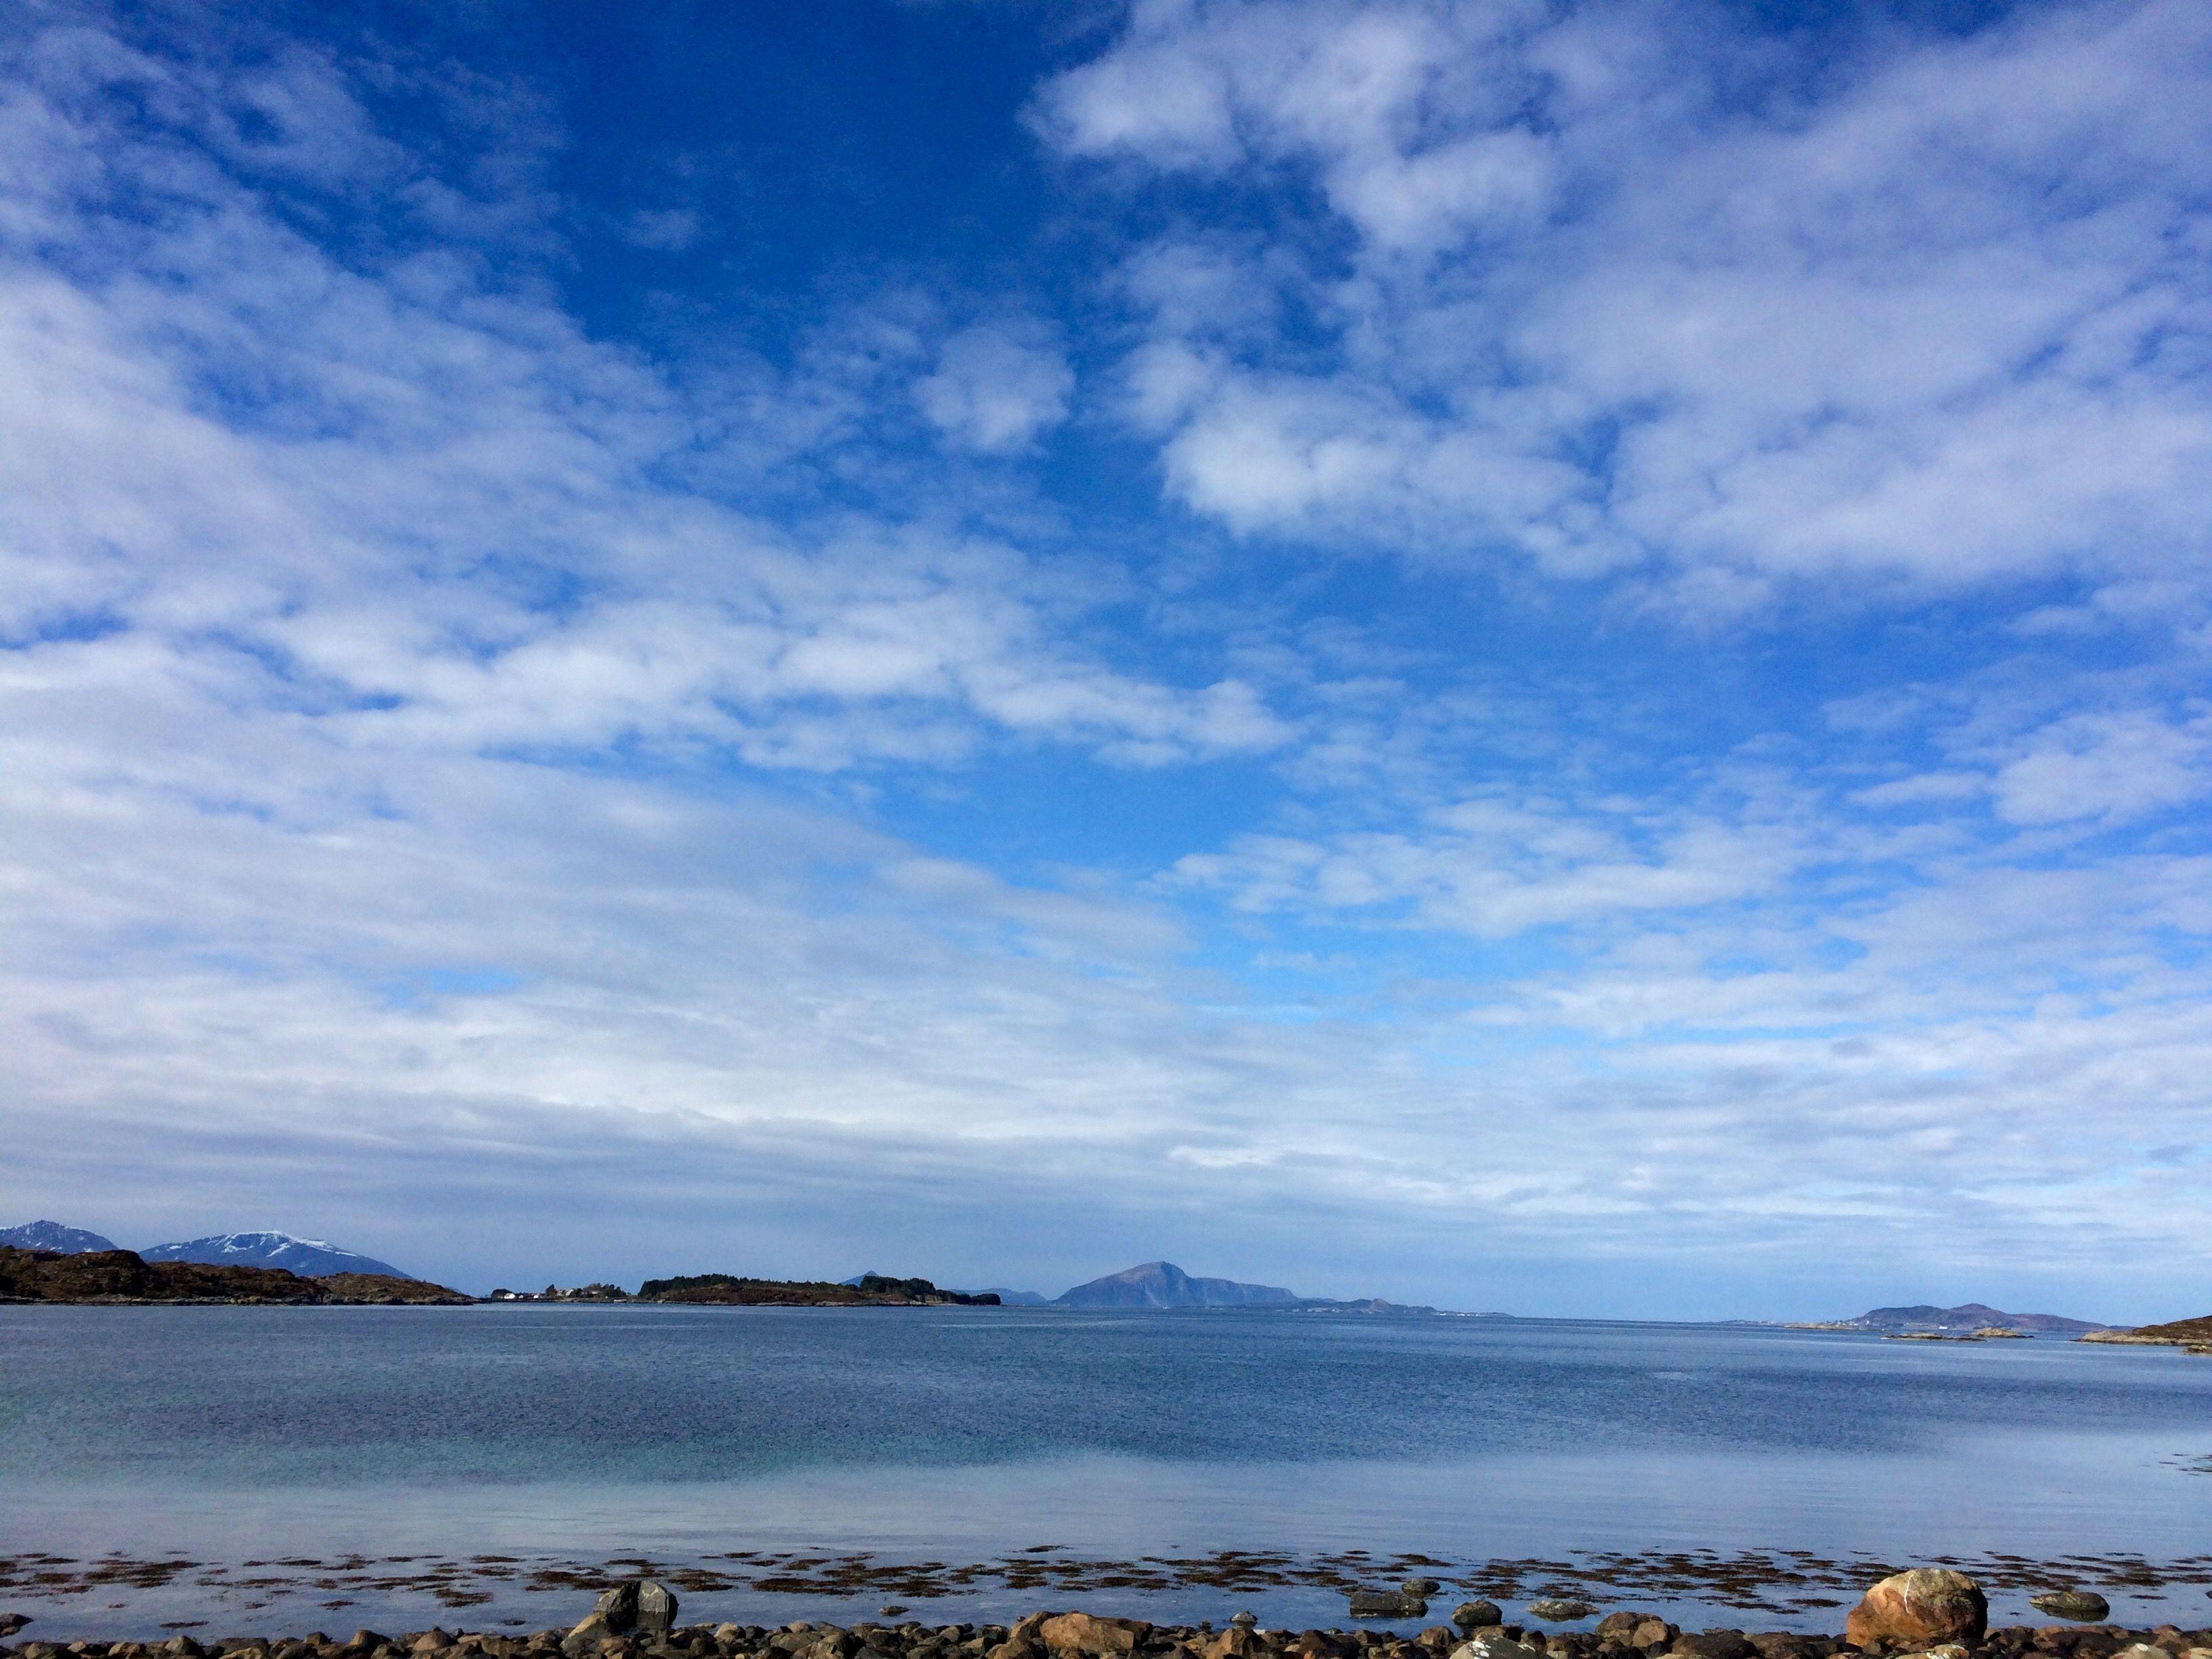 Норвегия остров Мидсунд 🇳🇴